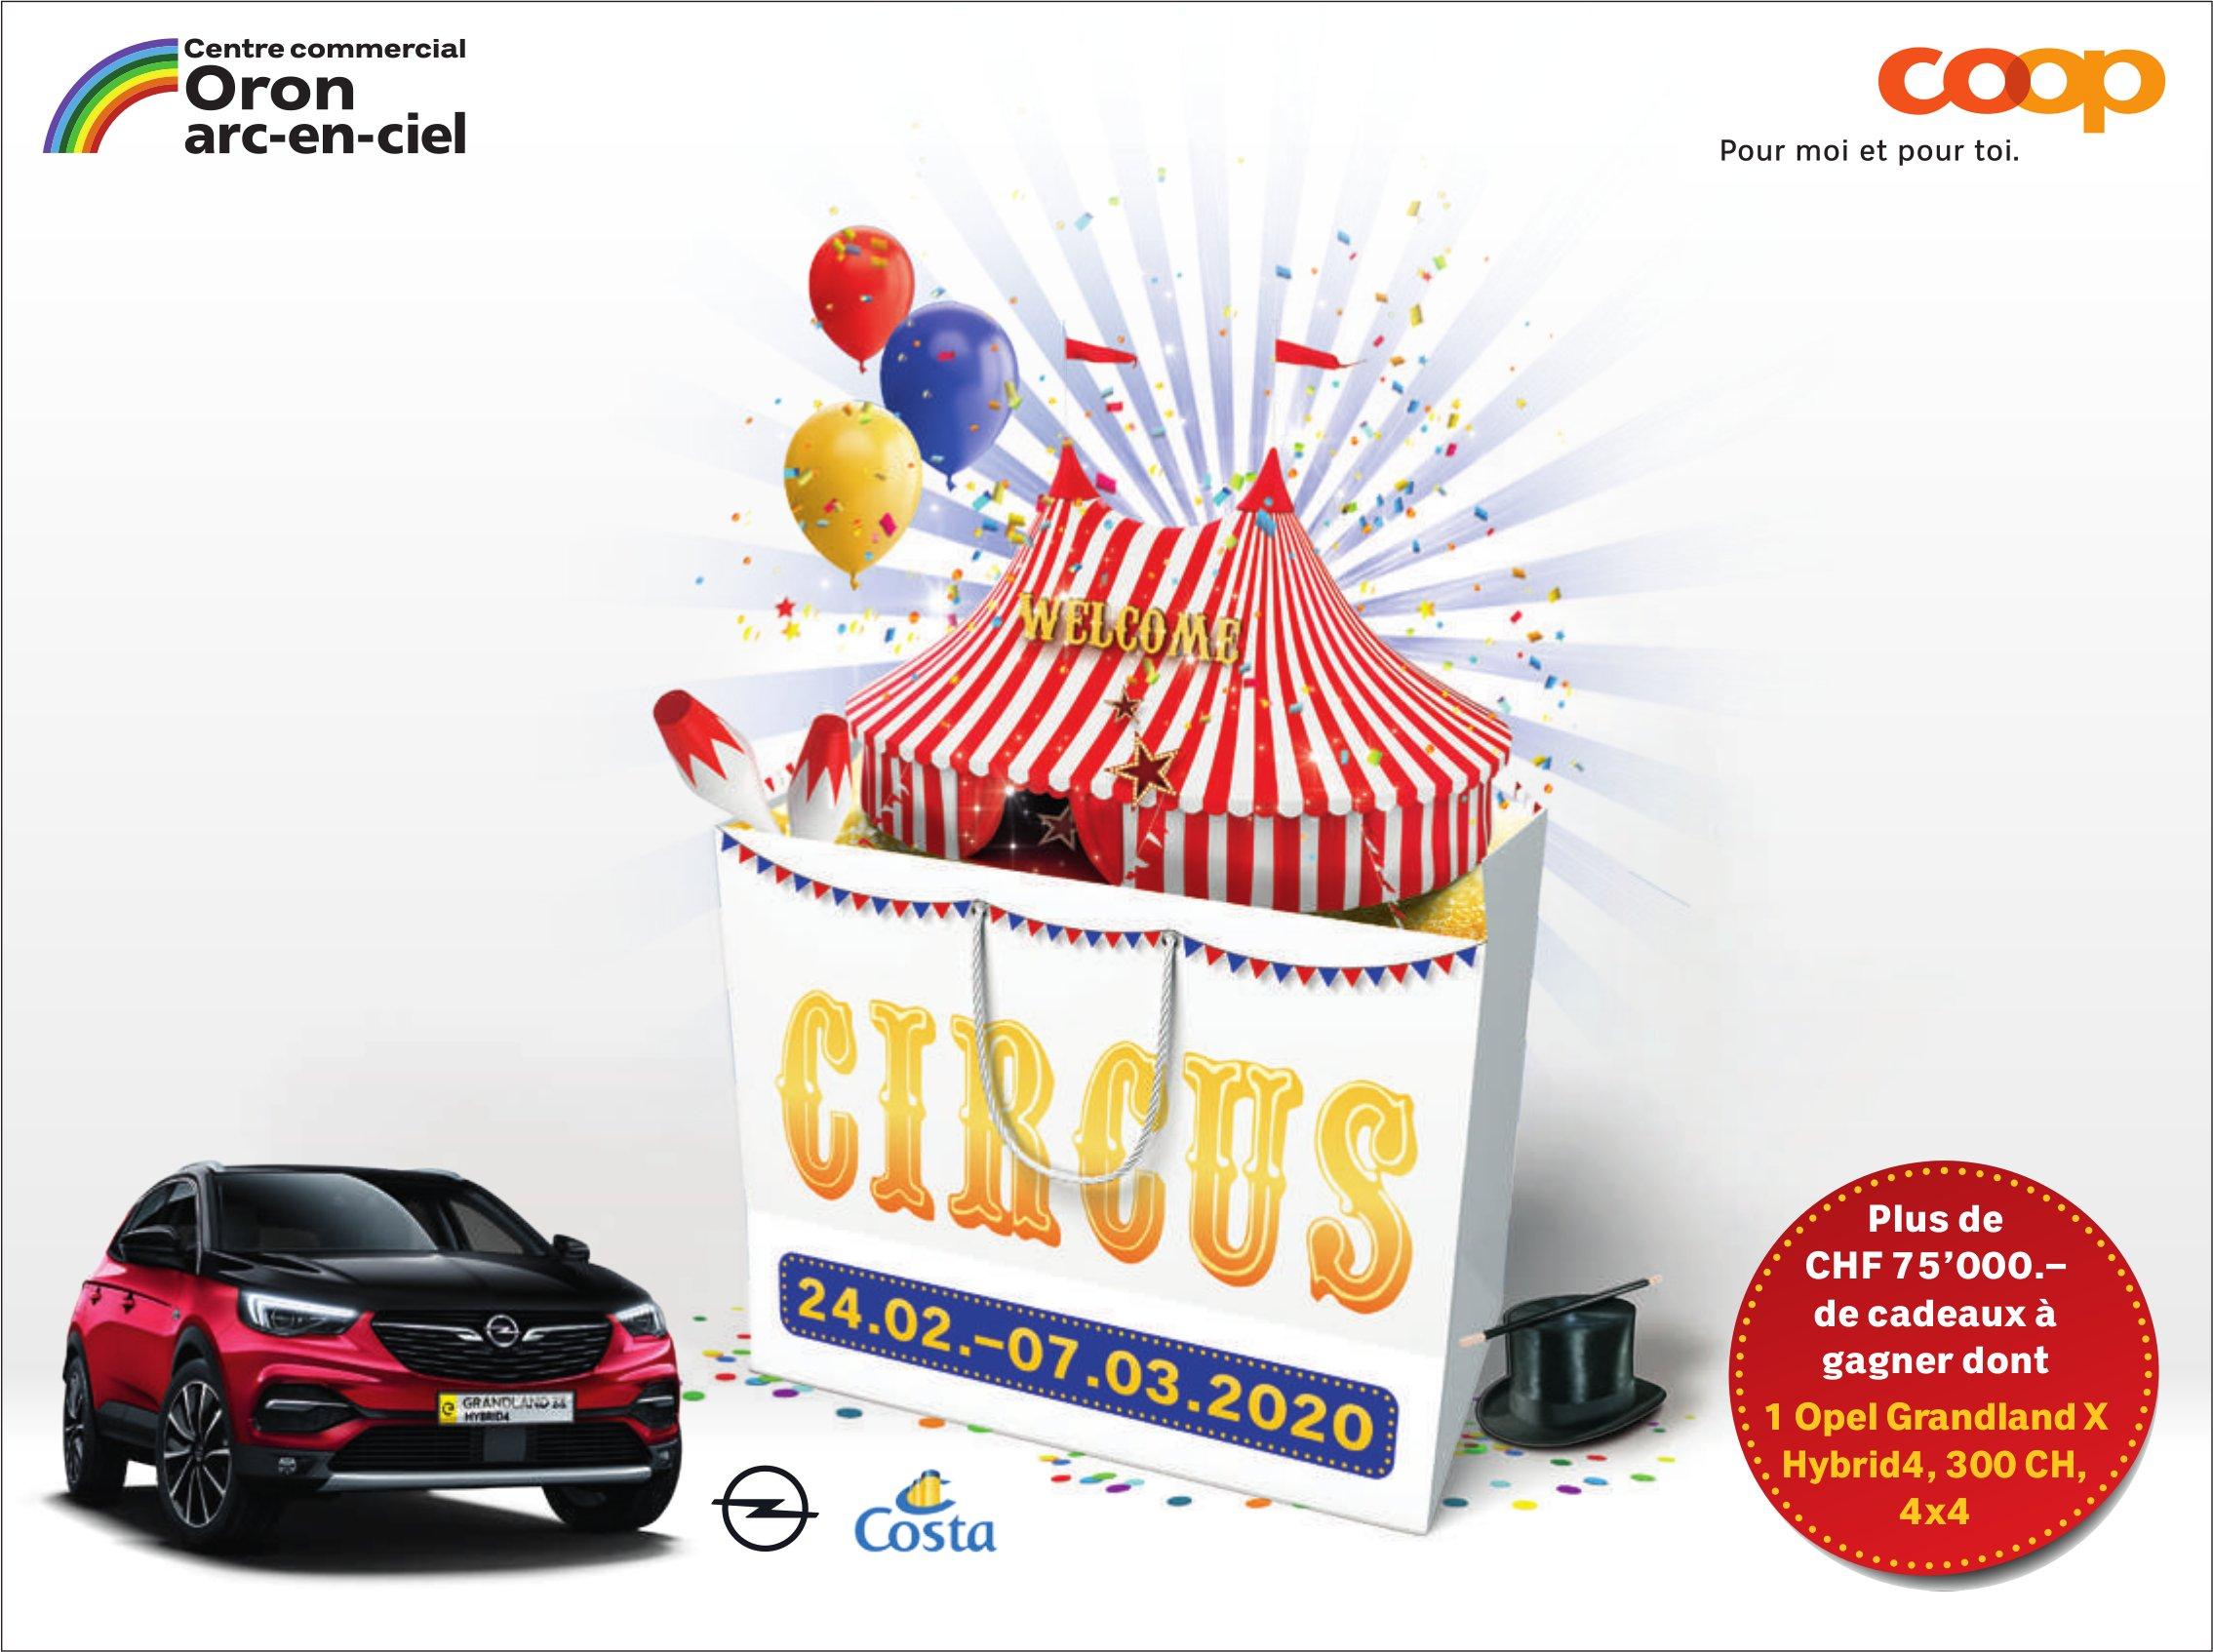 CIRCUS, 24 février au 7 mars, Centre commercial Oron